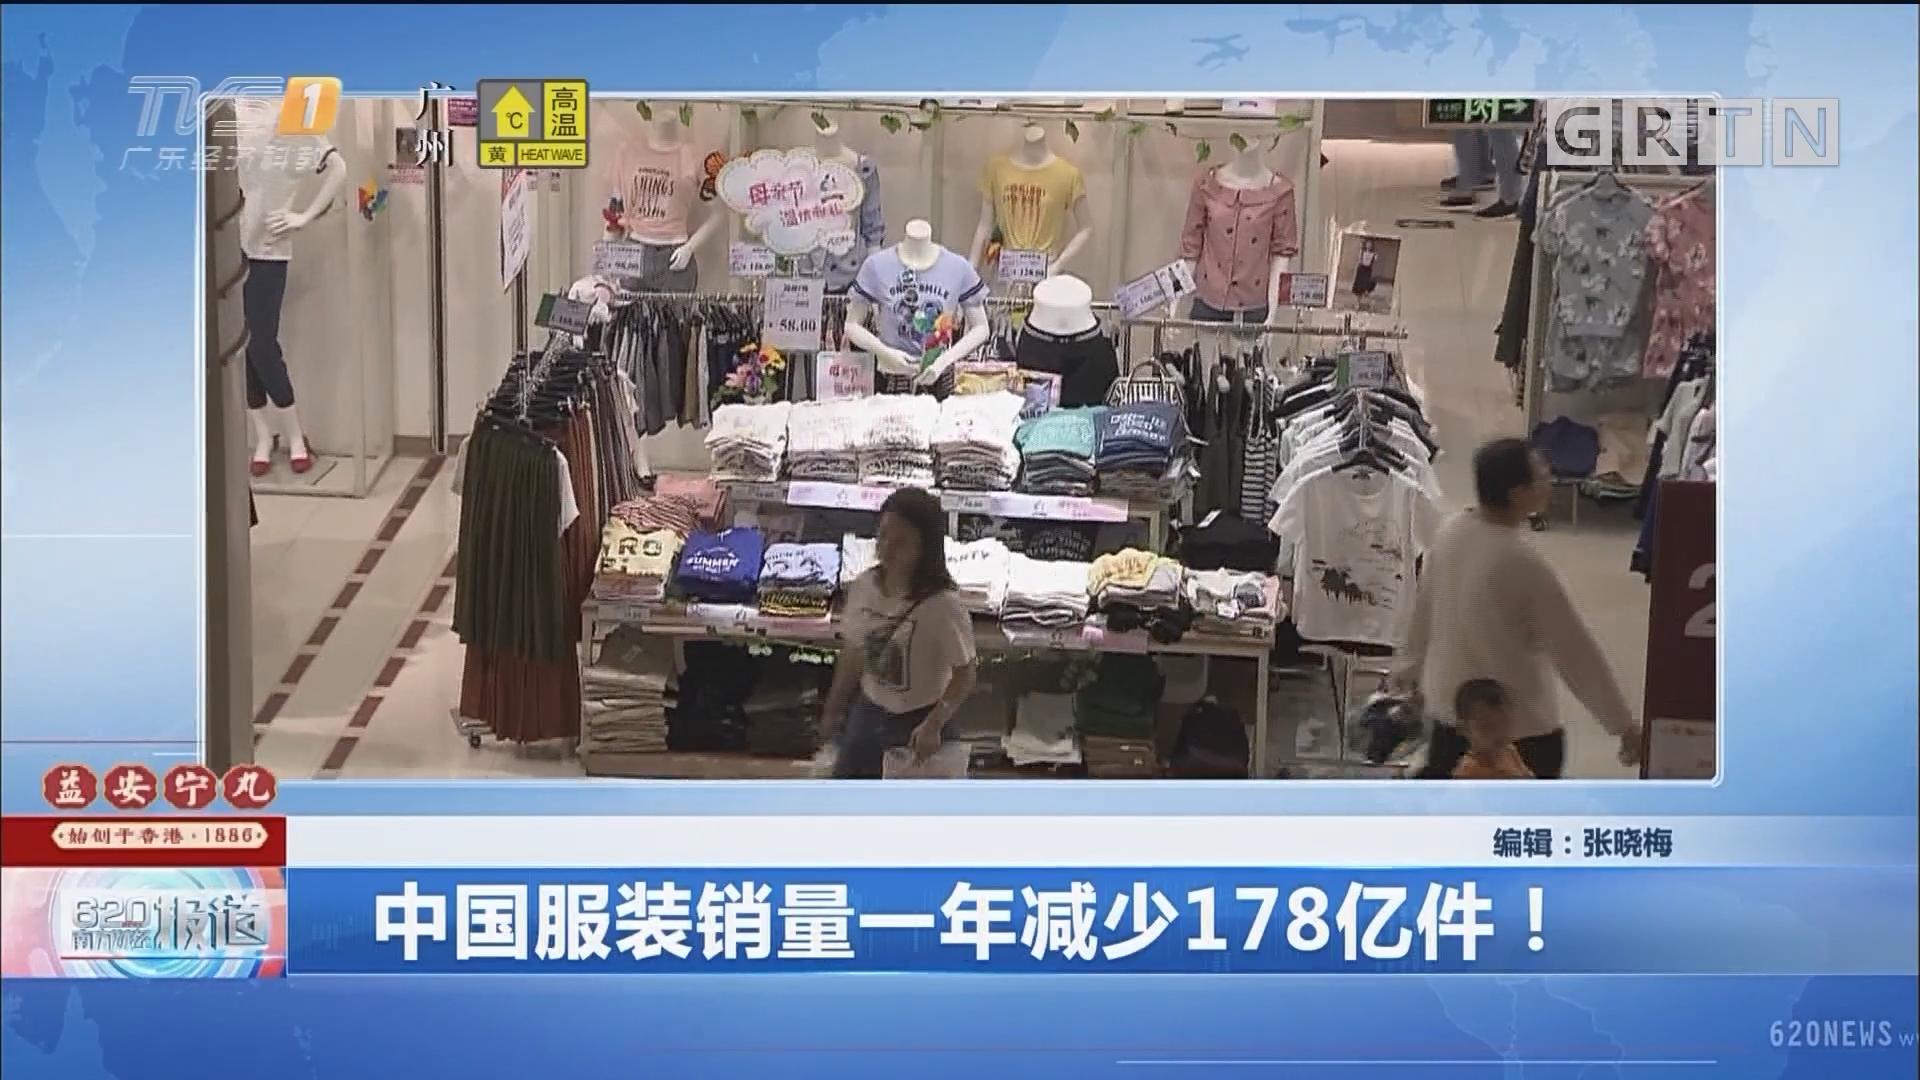 中国服装销量一年减少178亿件!